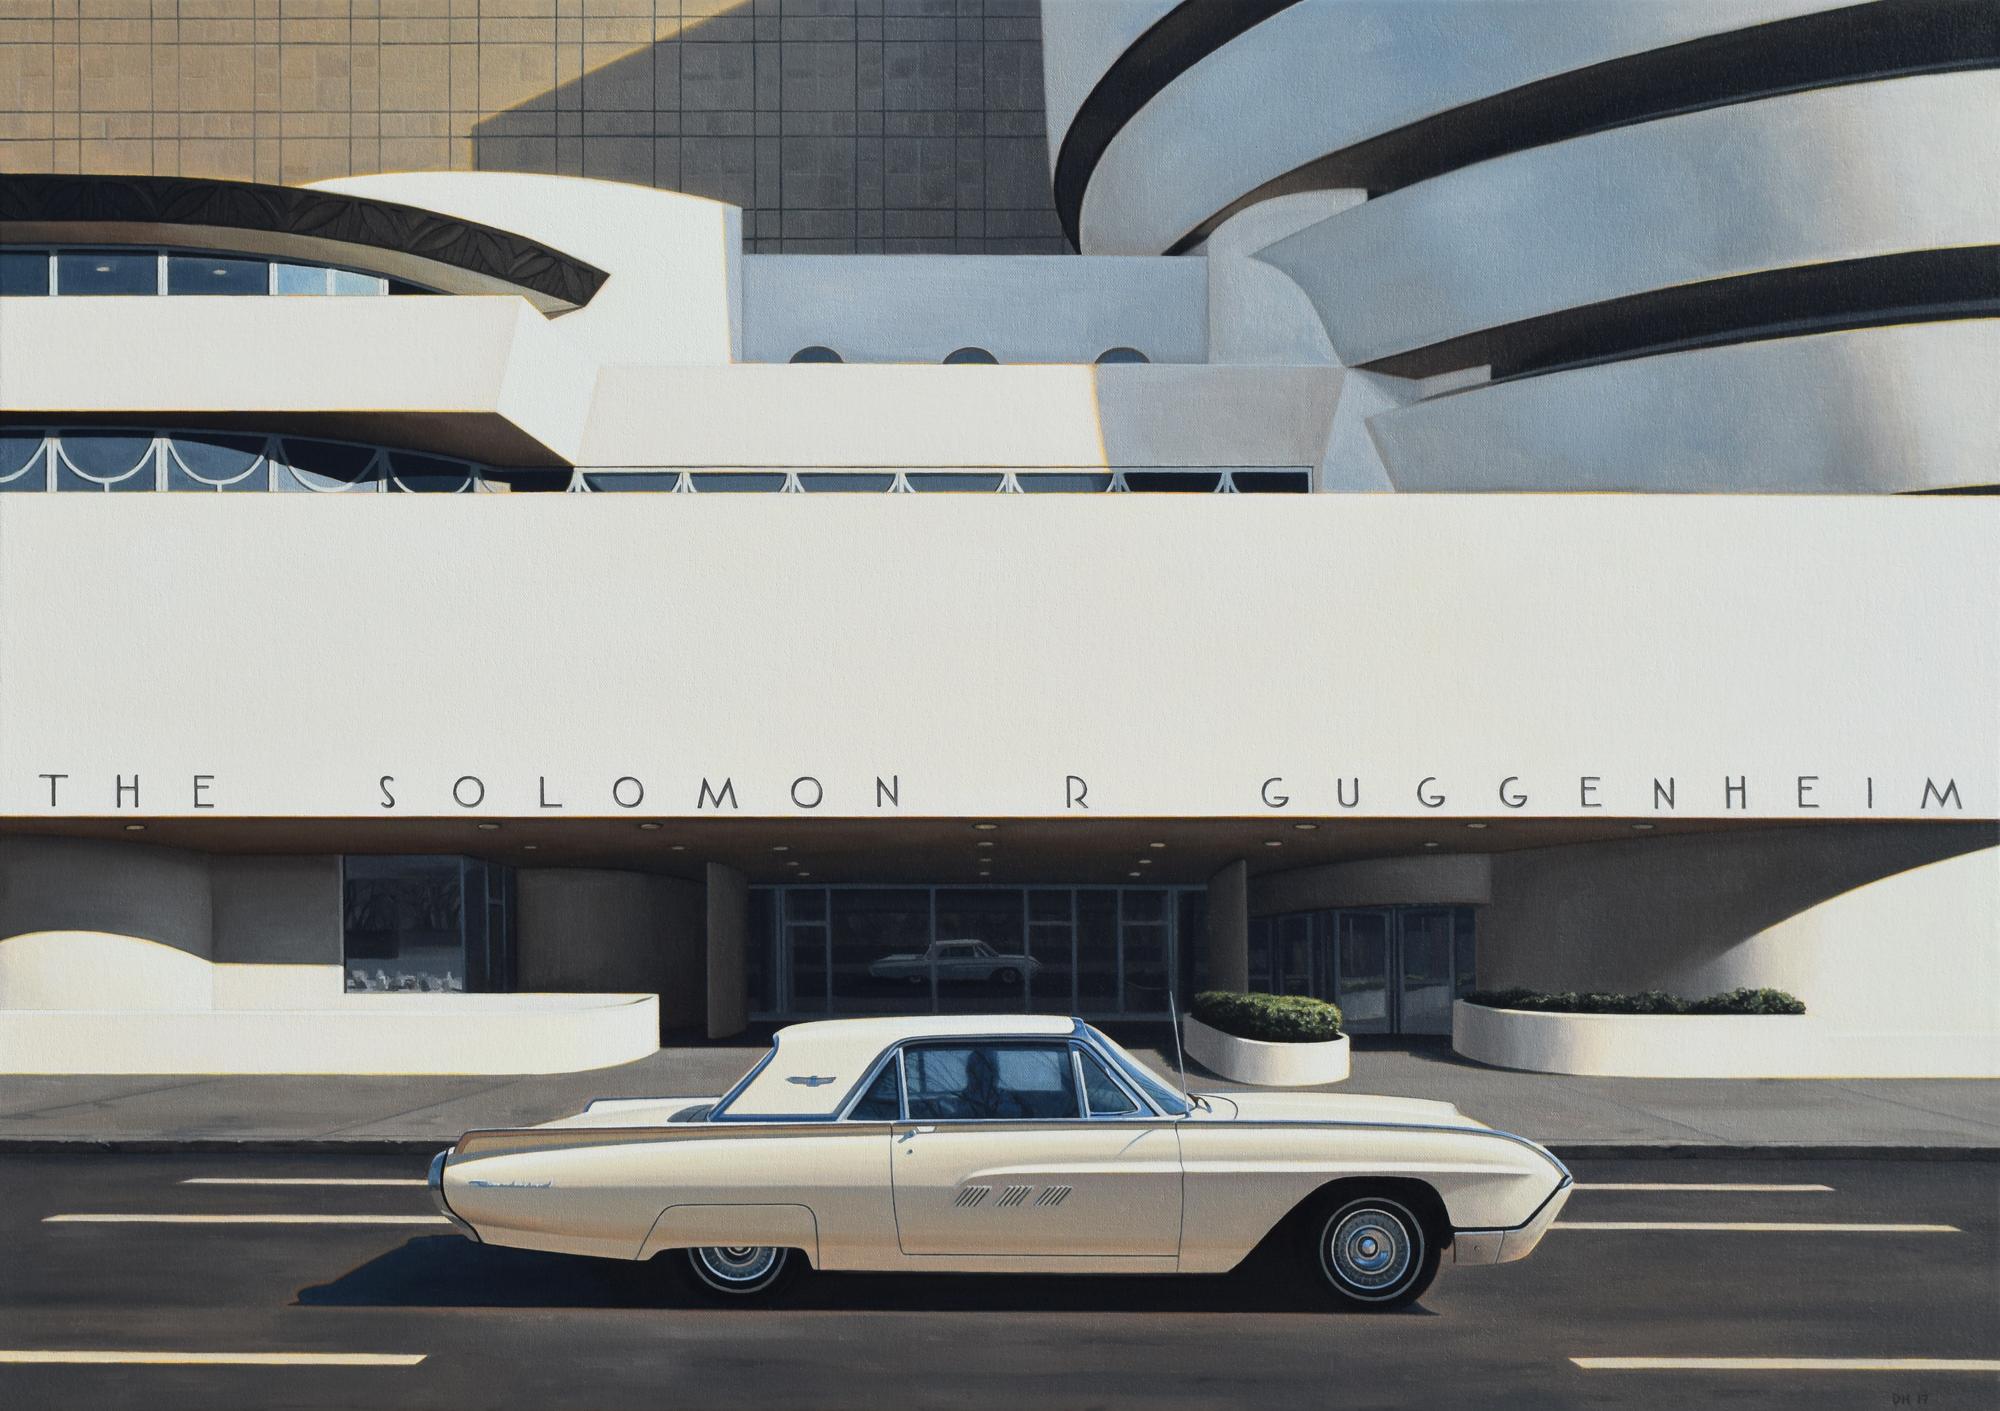 Guggenheim and Tbird sized.jpg